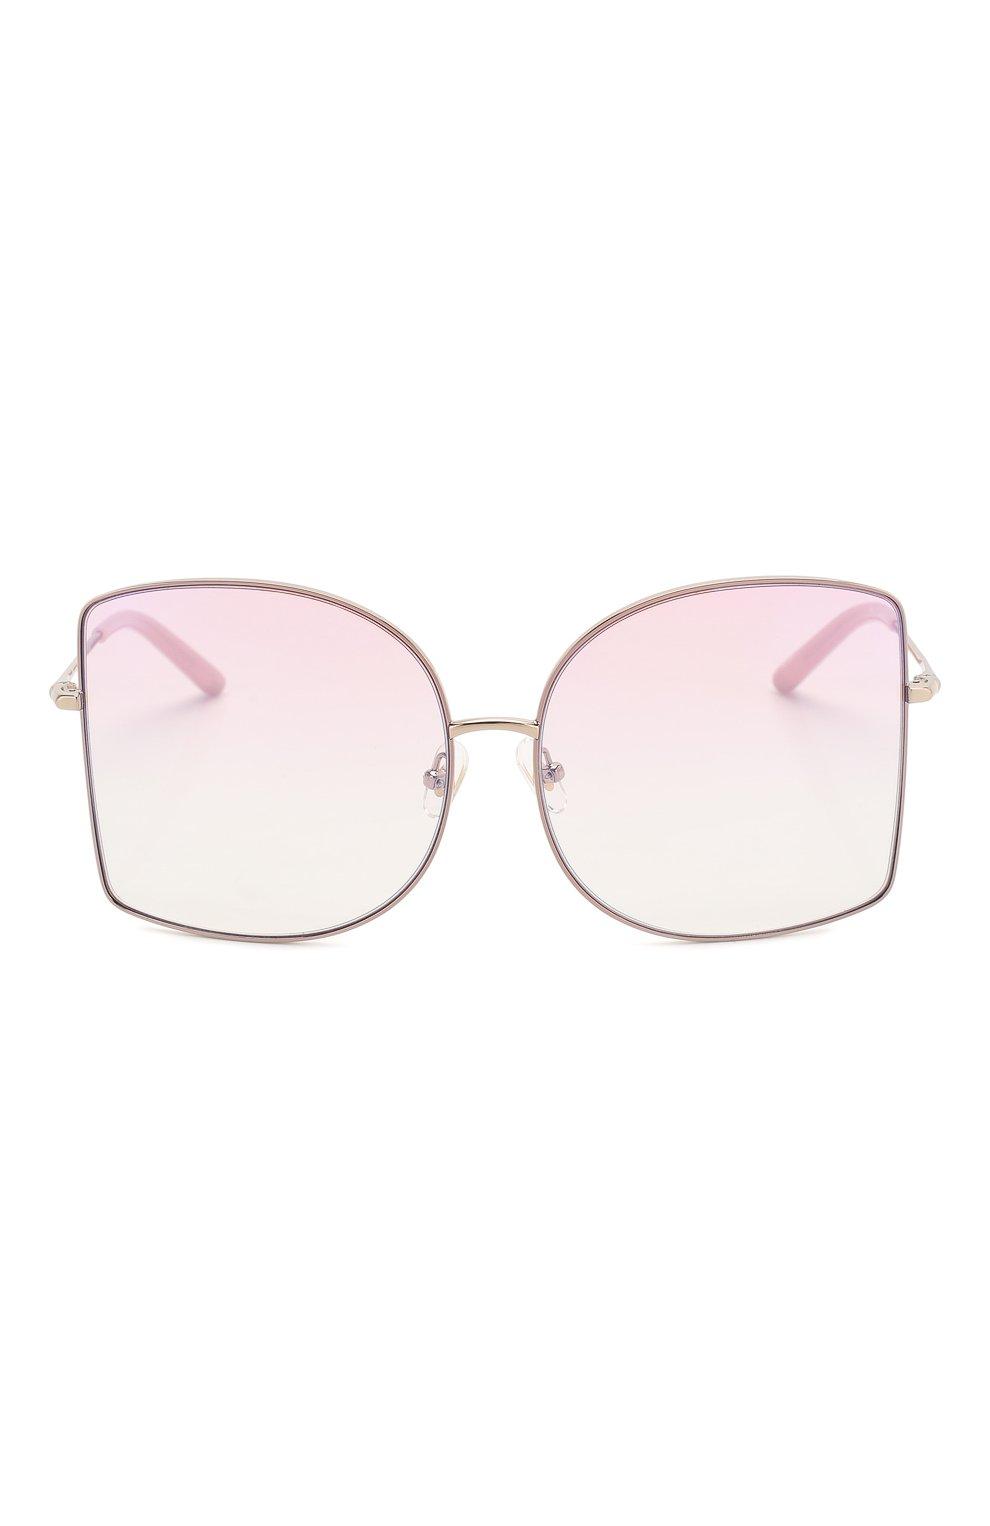 Женские солнцезащитные очки MATTHEW WILLIAMSON светло-розового цвета, арт. MW214C5 SUN   Фото 3